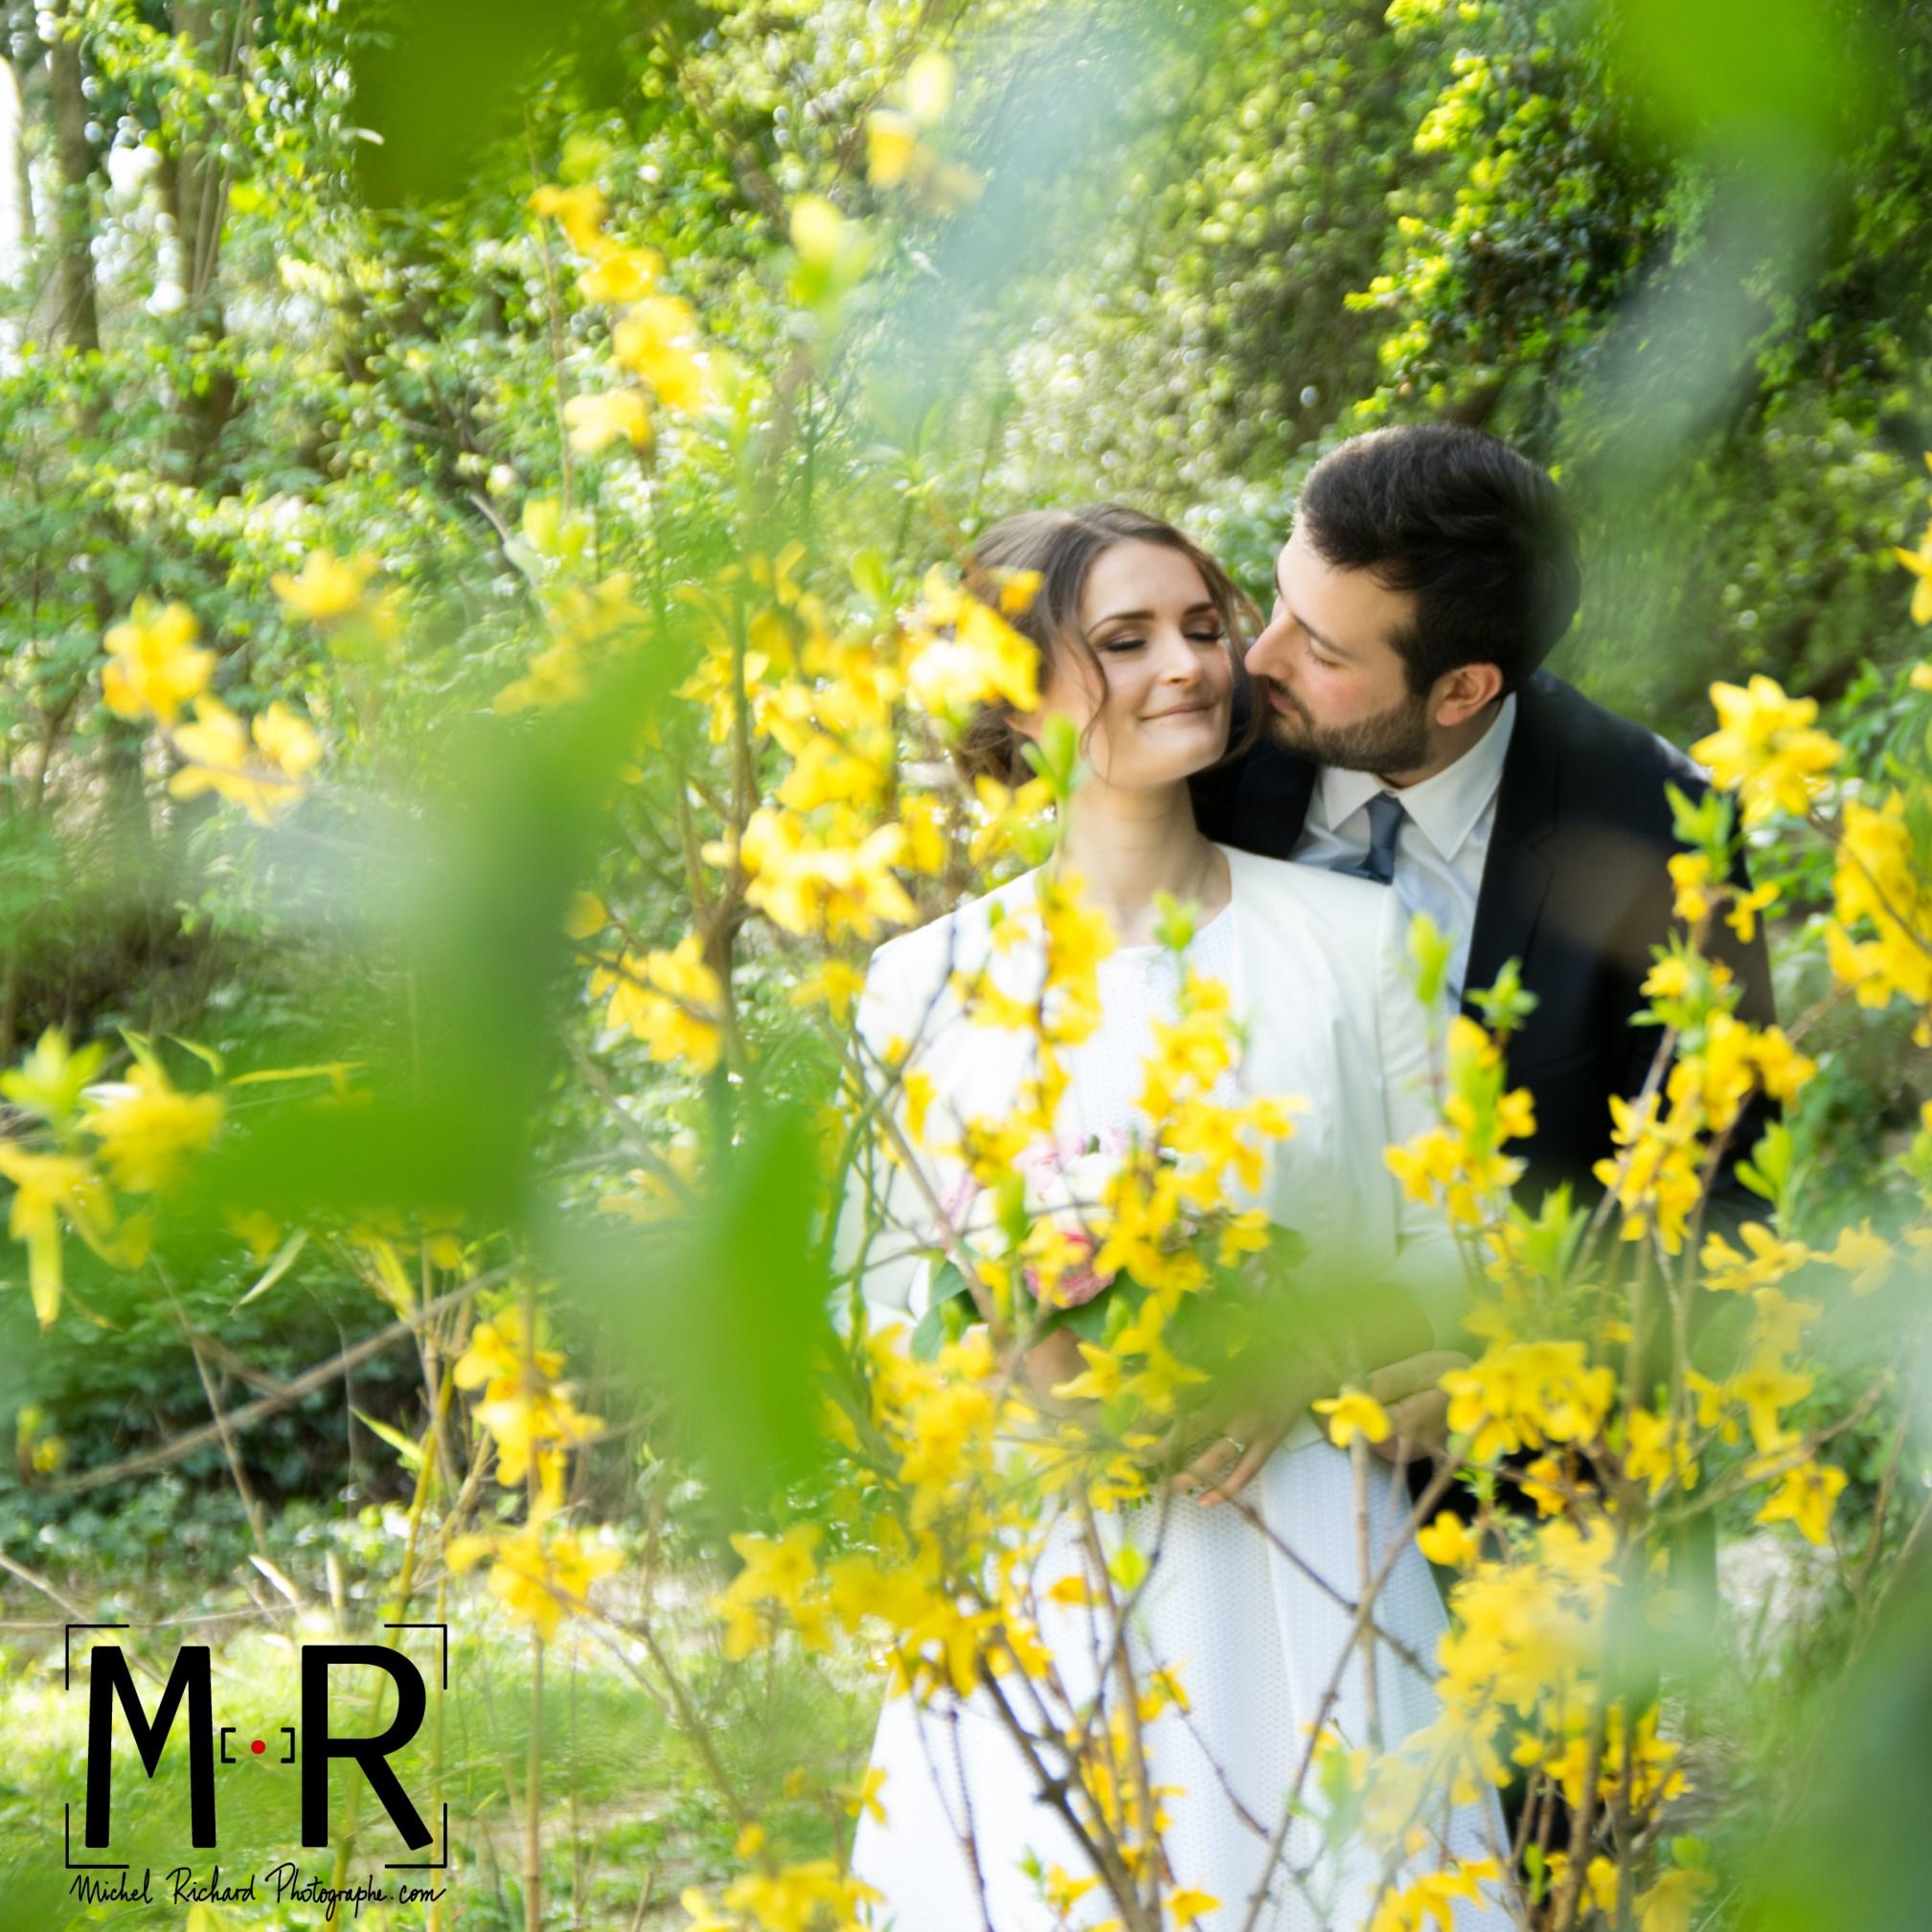 les mariés s'embrassent à travers les feuillages et les fleurs jaunes. Michel Richard Photo